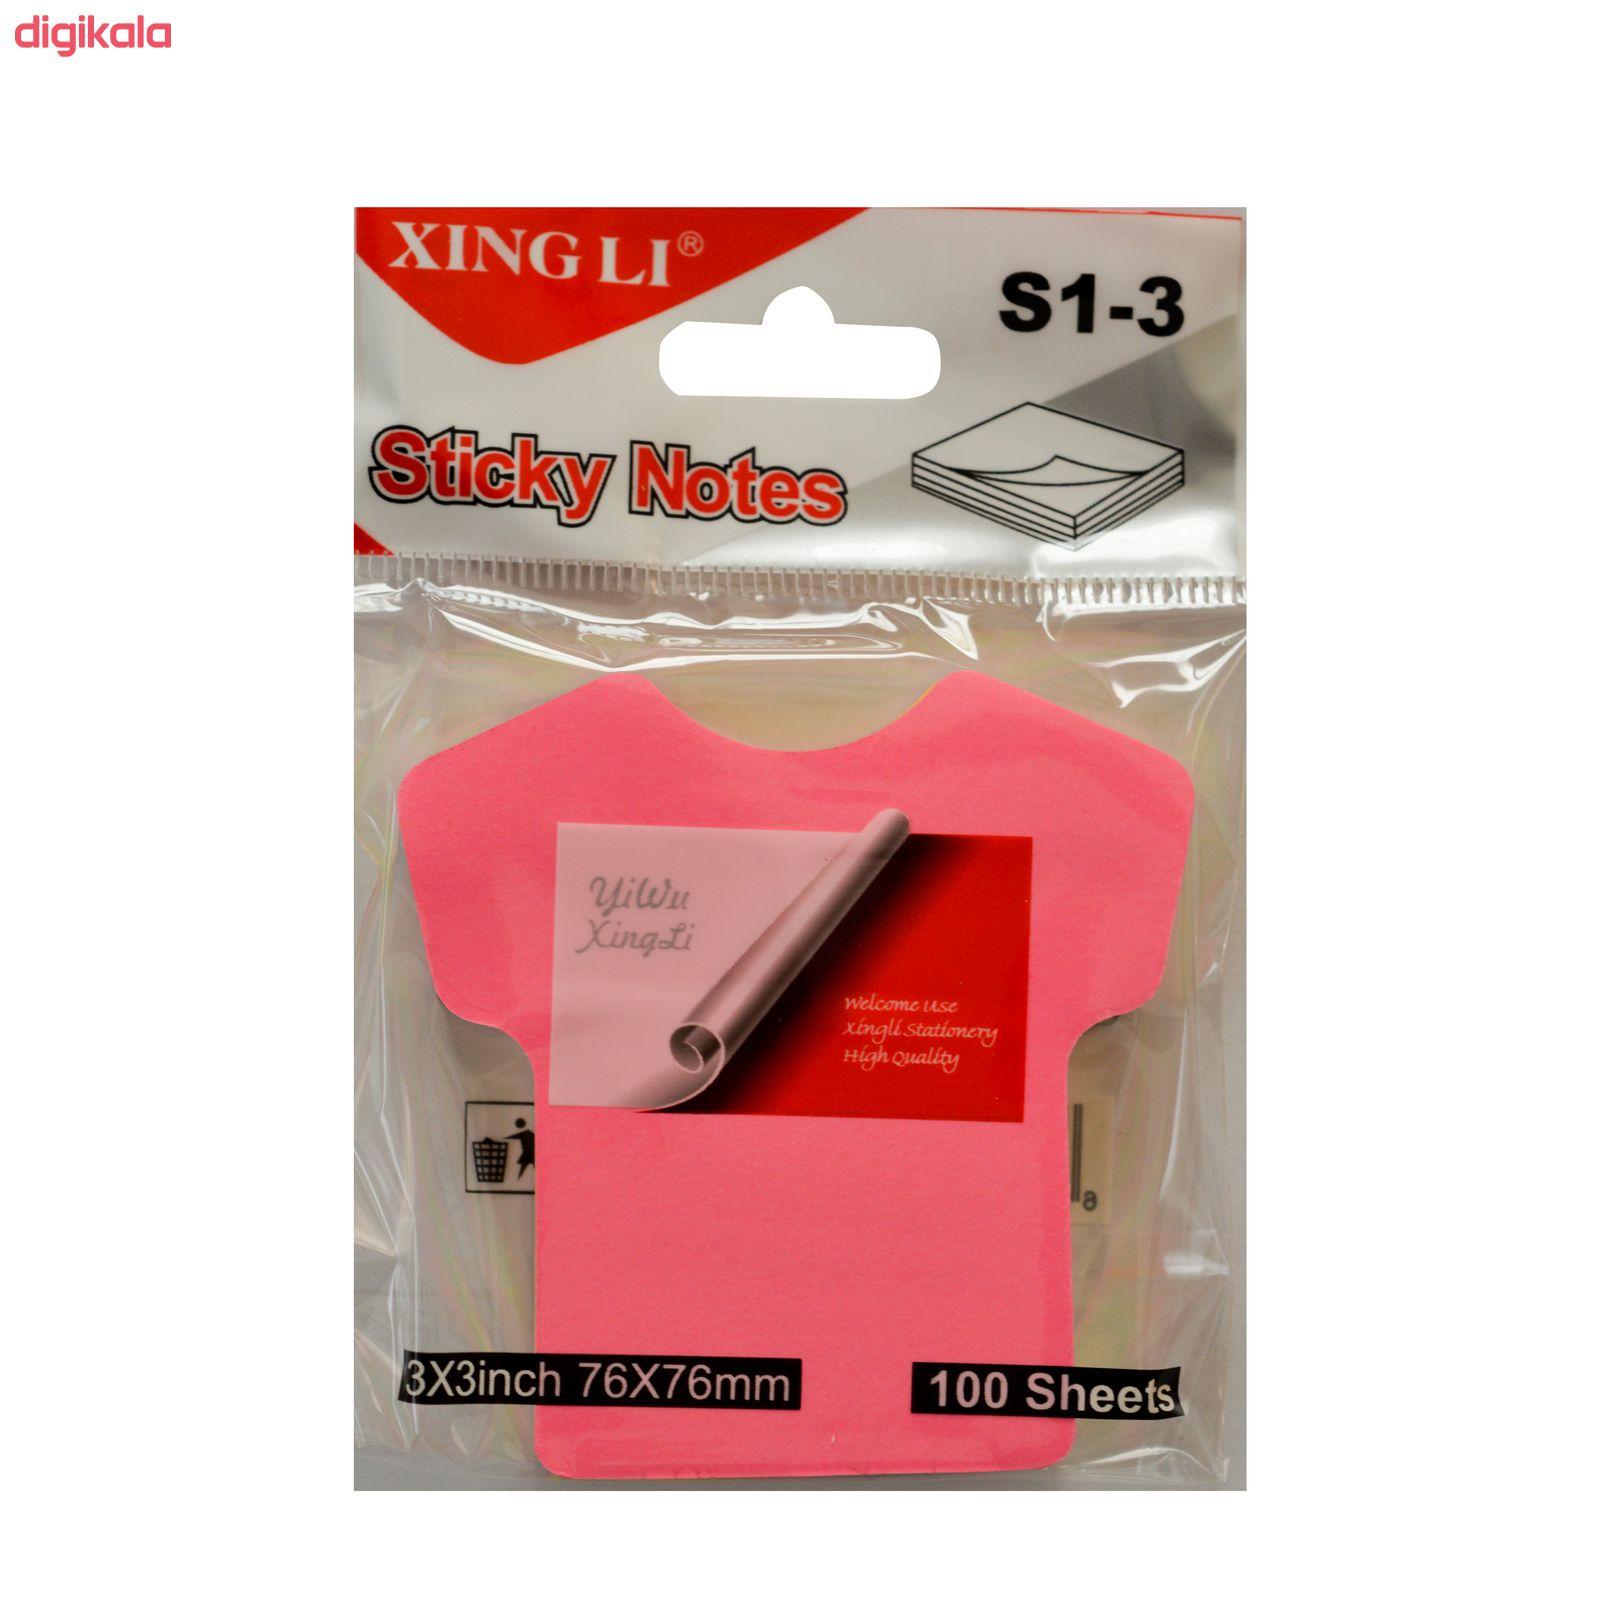 کاغذ یادداشت چسب دار زینگ لی مدل پیراهن main 1 2